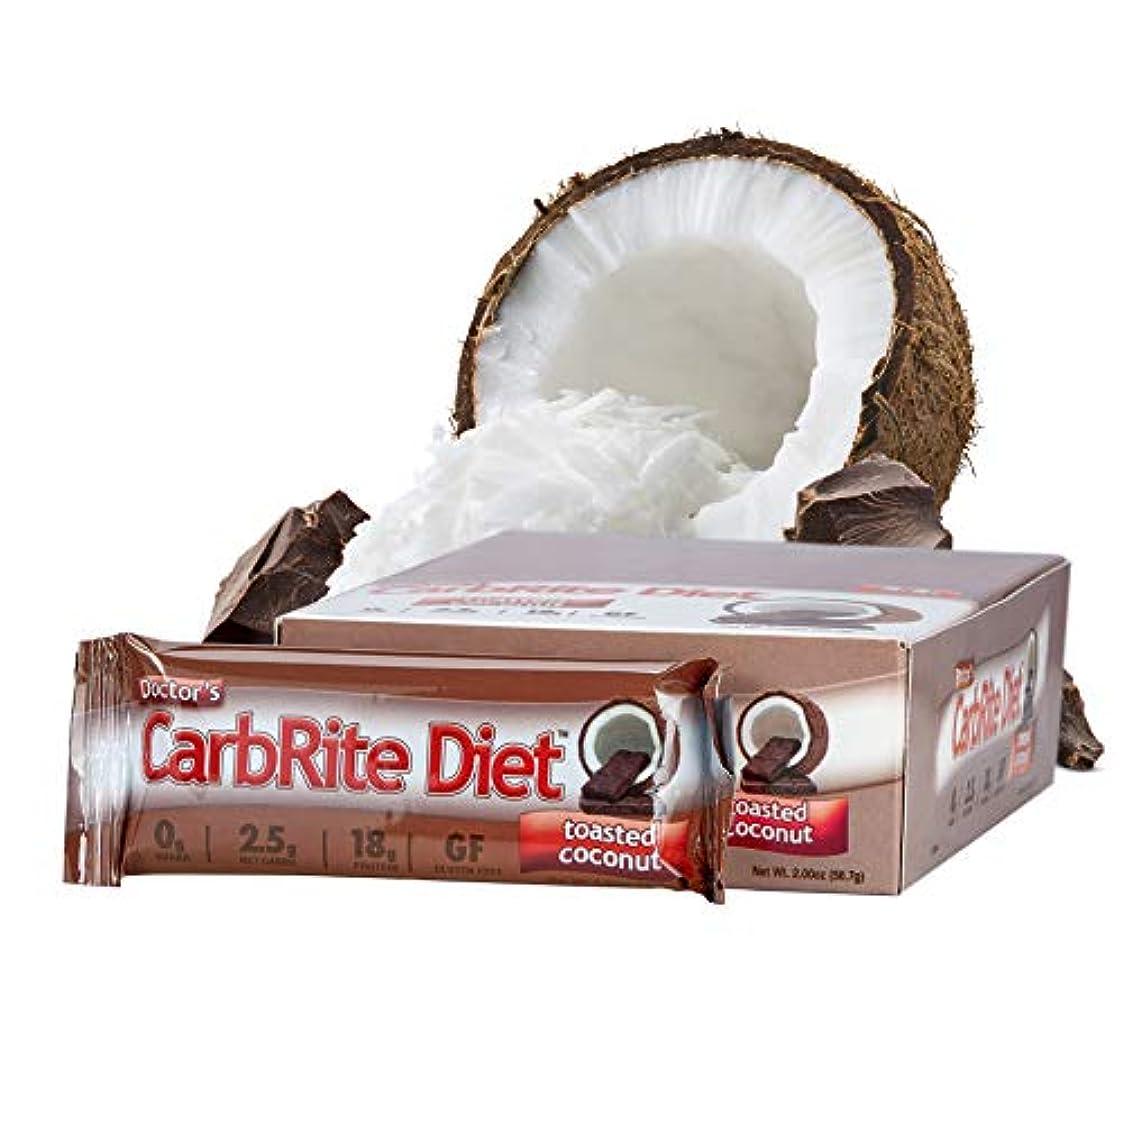 オーバーヘッドリレー終了しましたUniversal Nutrition - Doctor's CarbRite ダイエット バー ボックス トースト ココナッツ - 1バー